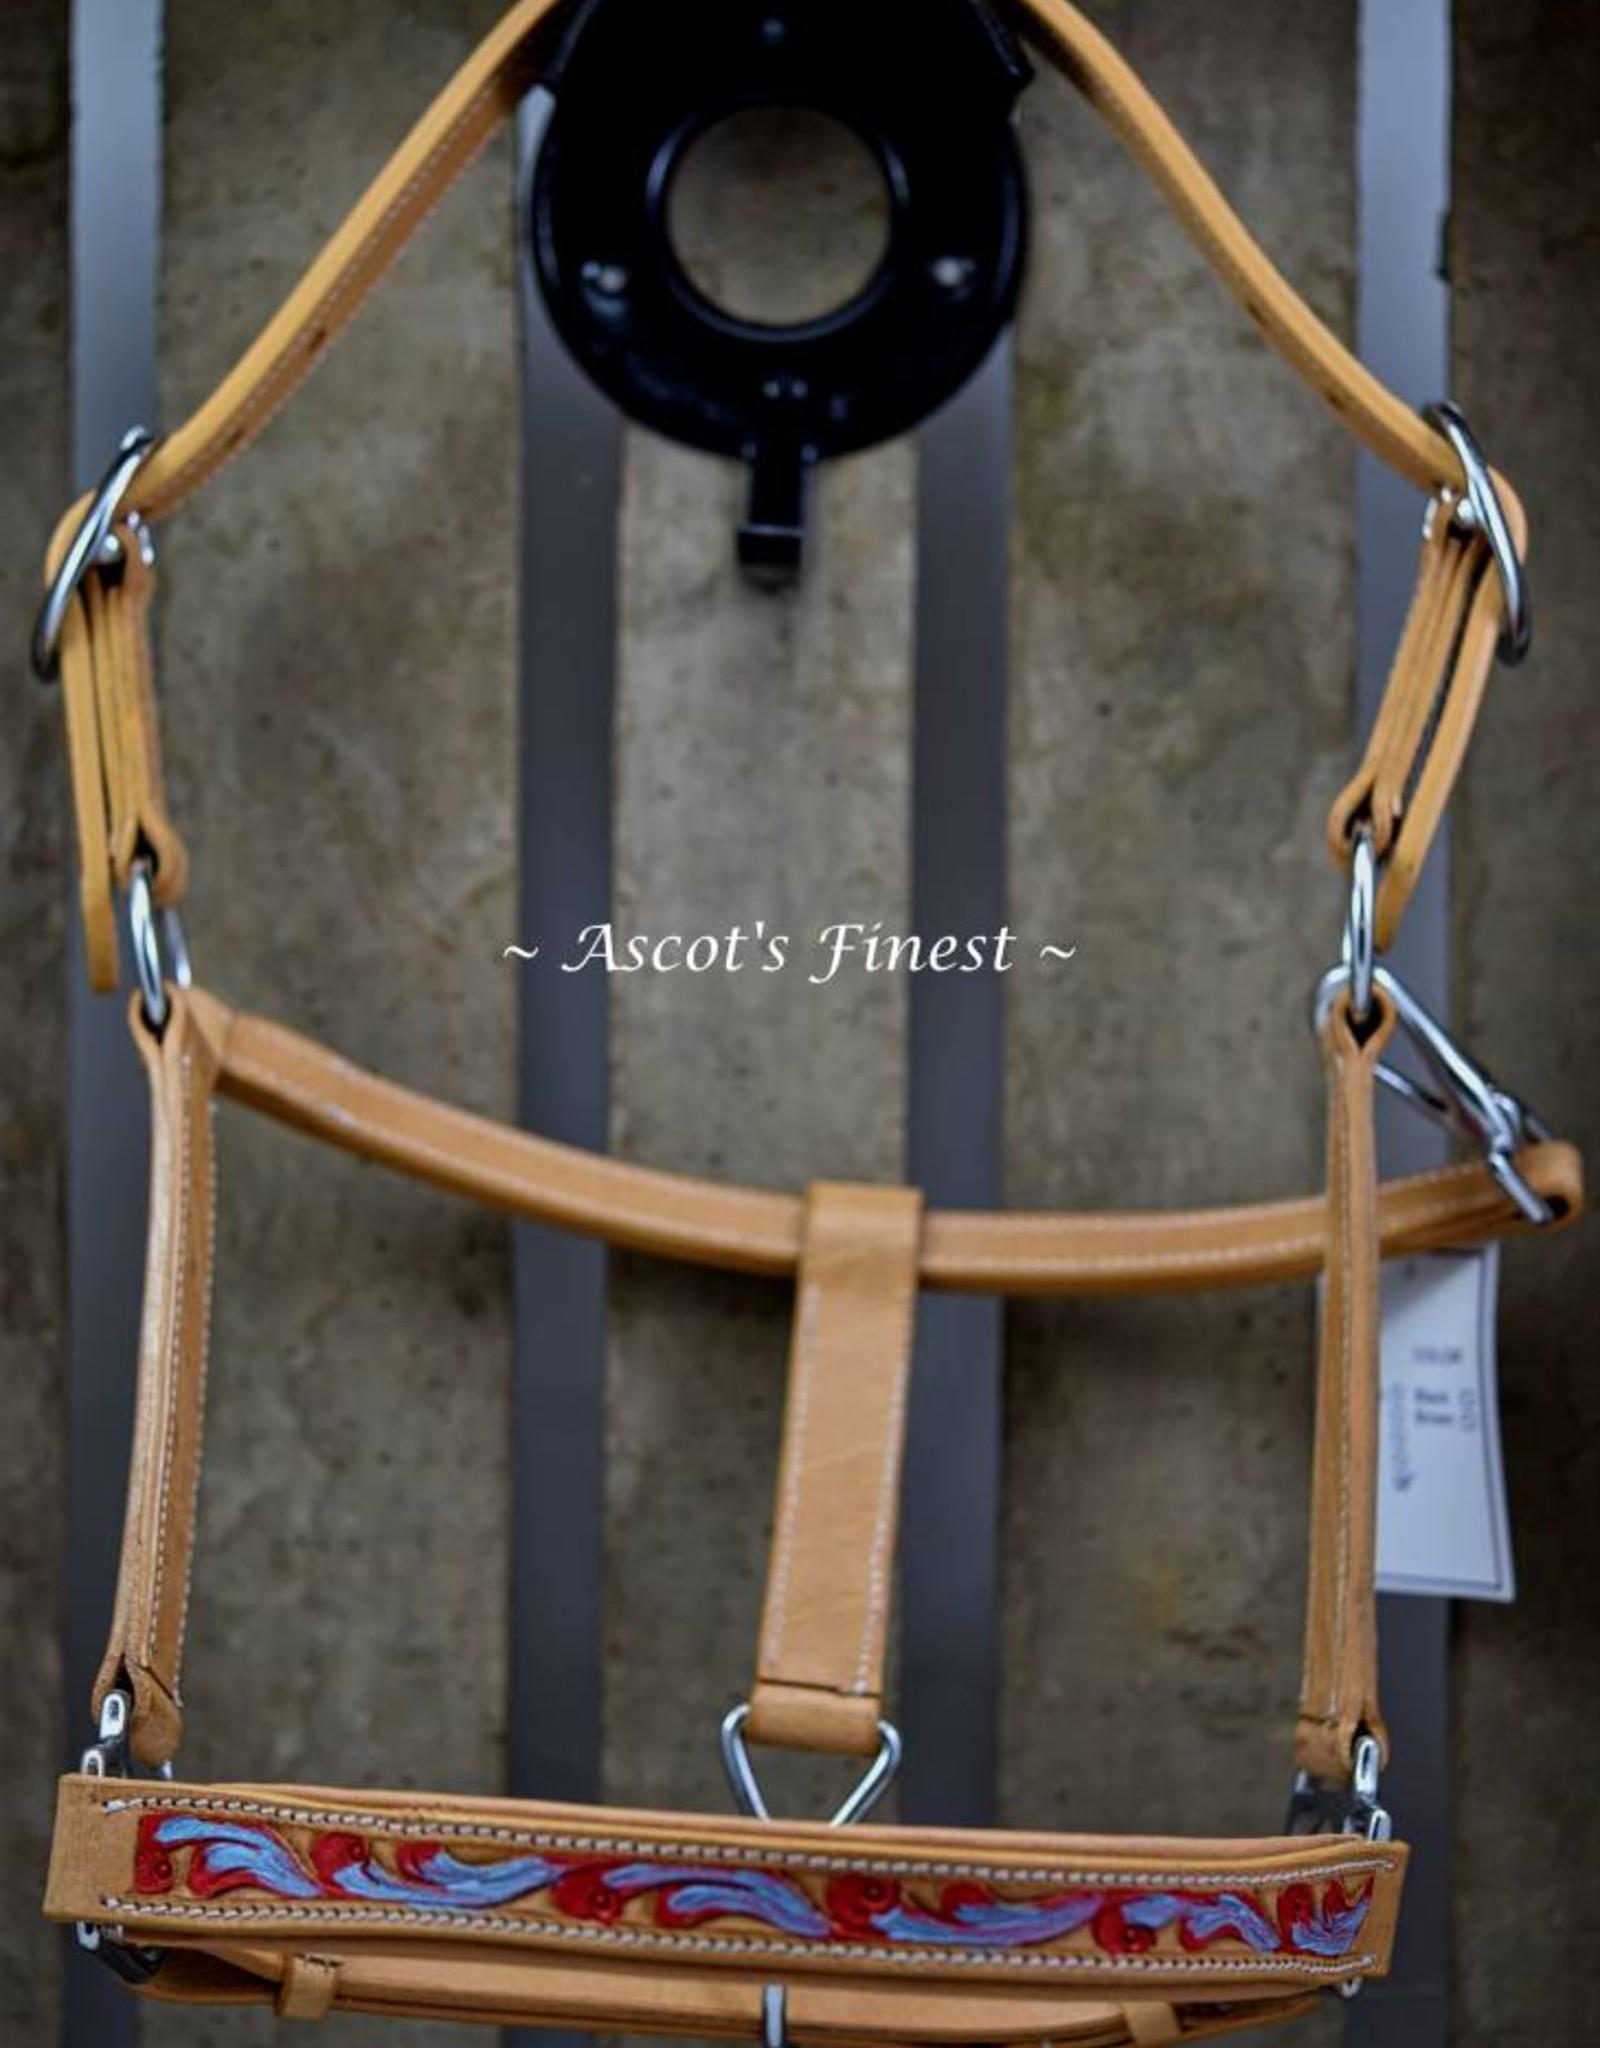 Ascot's Finest Rundlederen halster uitgesneden en met kleur - Full, Cob en Pony